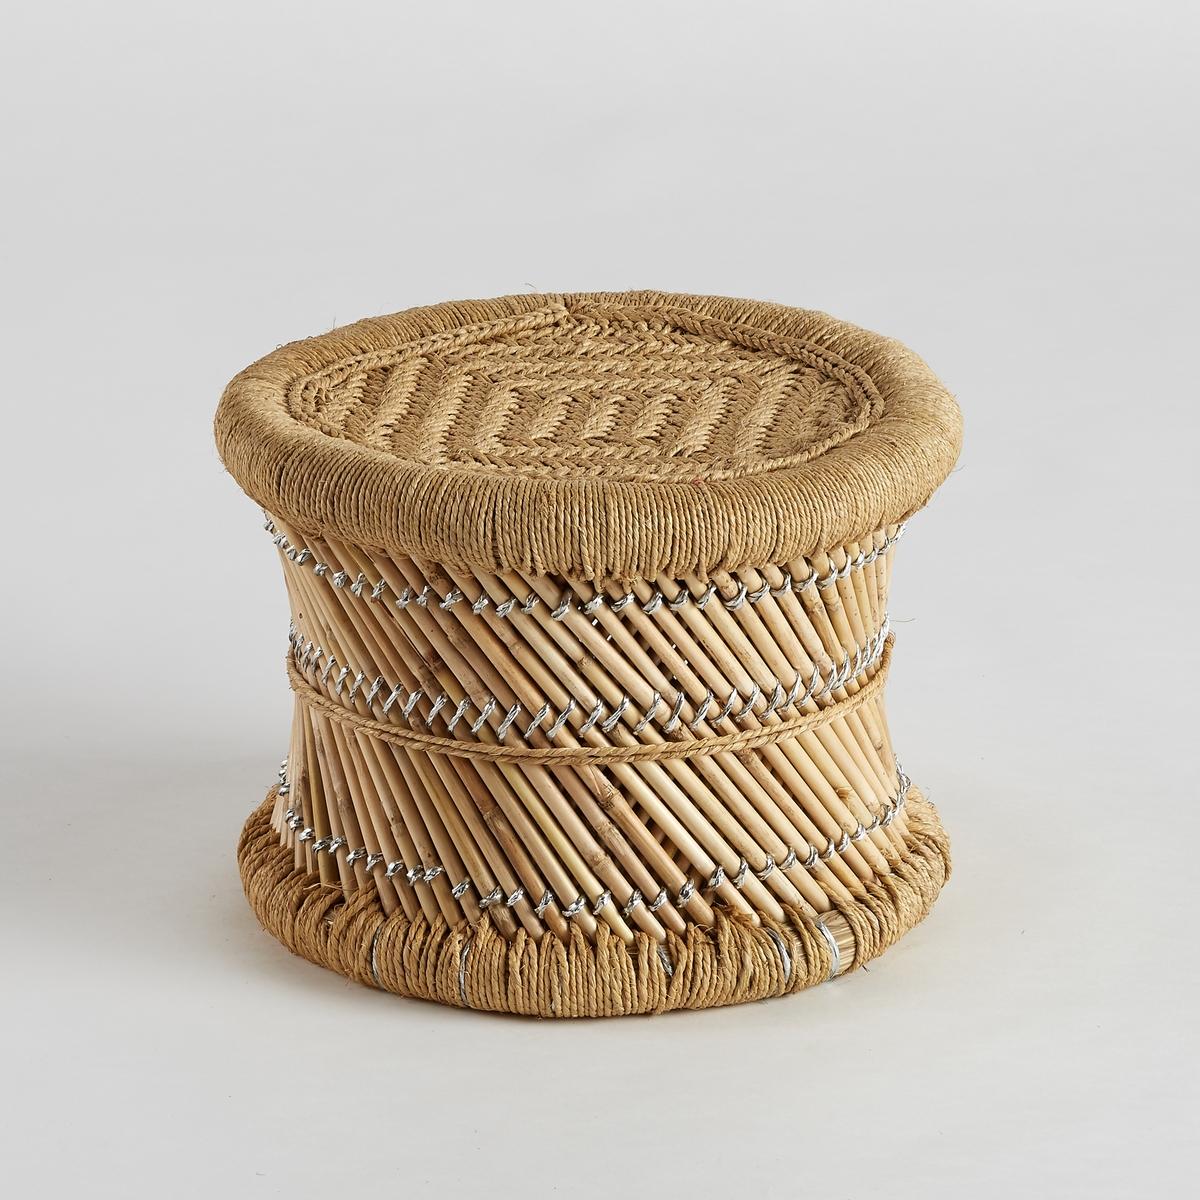 Столик диванный из бамбука QuesadaДиванный столик Quesada. Диванный столик или вспомогательный столик в африканском стиле. Характеристики :- Плетеный каркас из бамбука - Плетеное сиденье из веревки- Оригинальная отделка из сизаля и пластика серебристого цвета Размеры : - диаметр 42 x высота 32 см<br><br>Цвет: серо-бежевый/белый